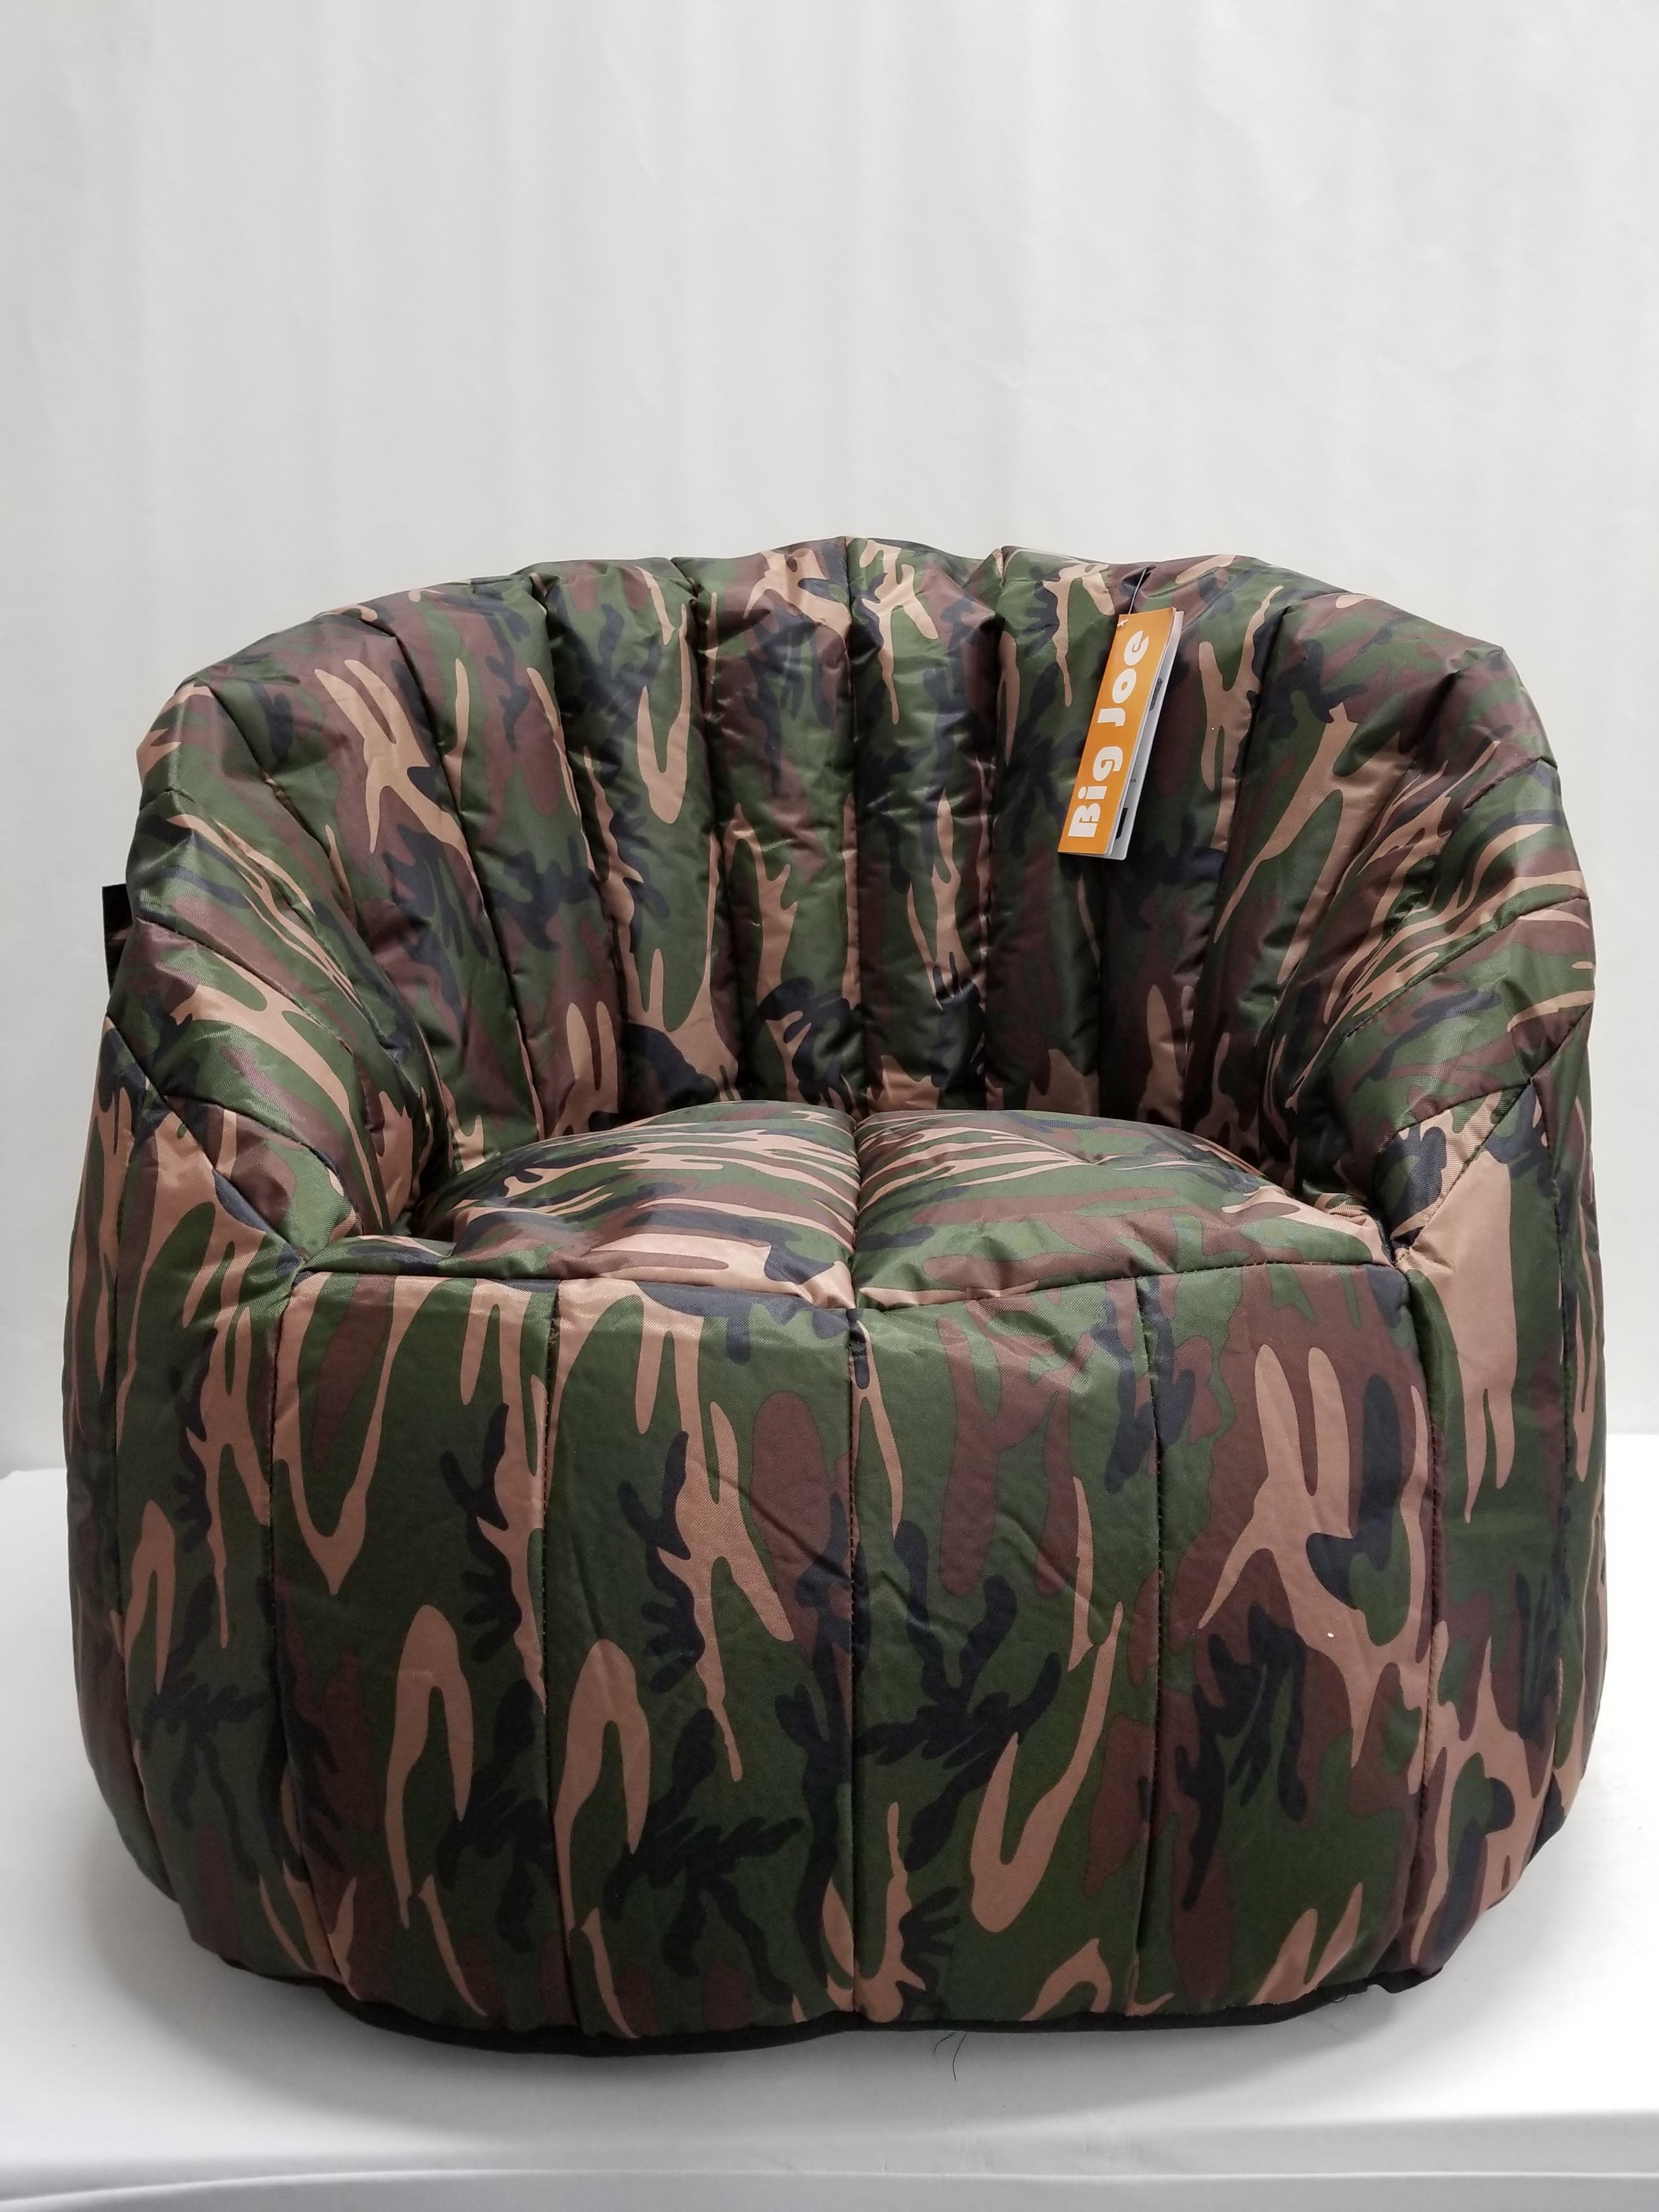 Pleasant Big Joe Bean Bag Chair Camo Lumin 35L X 35W X 32H Spiritservingveterans Wood Chair Design Ideas Spiritservingveteransorg